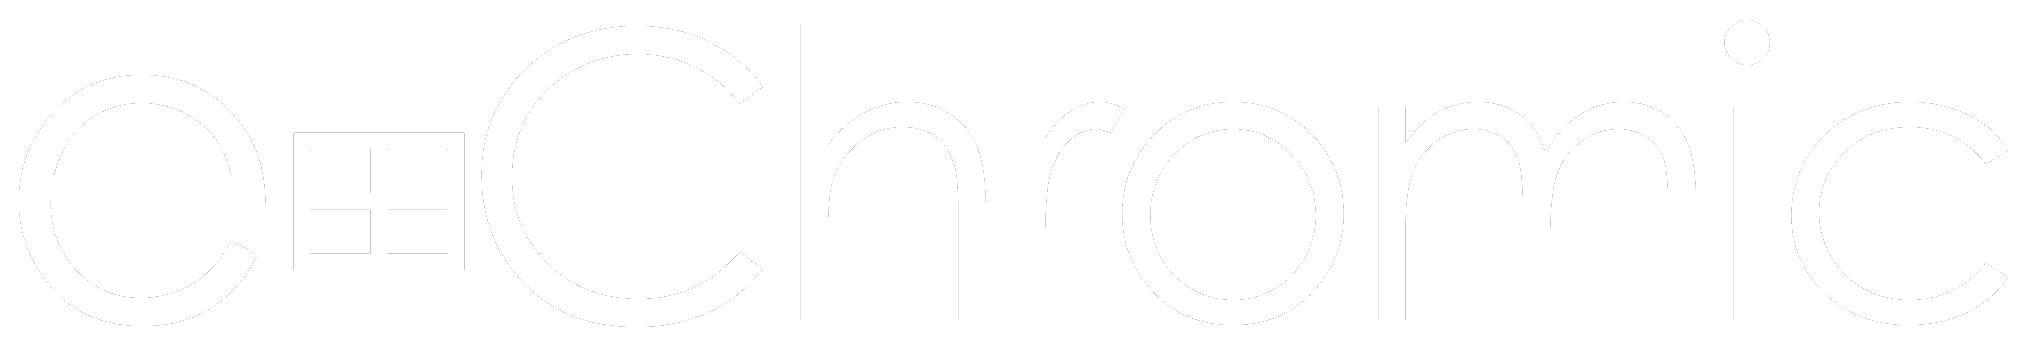 e-Chromic